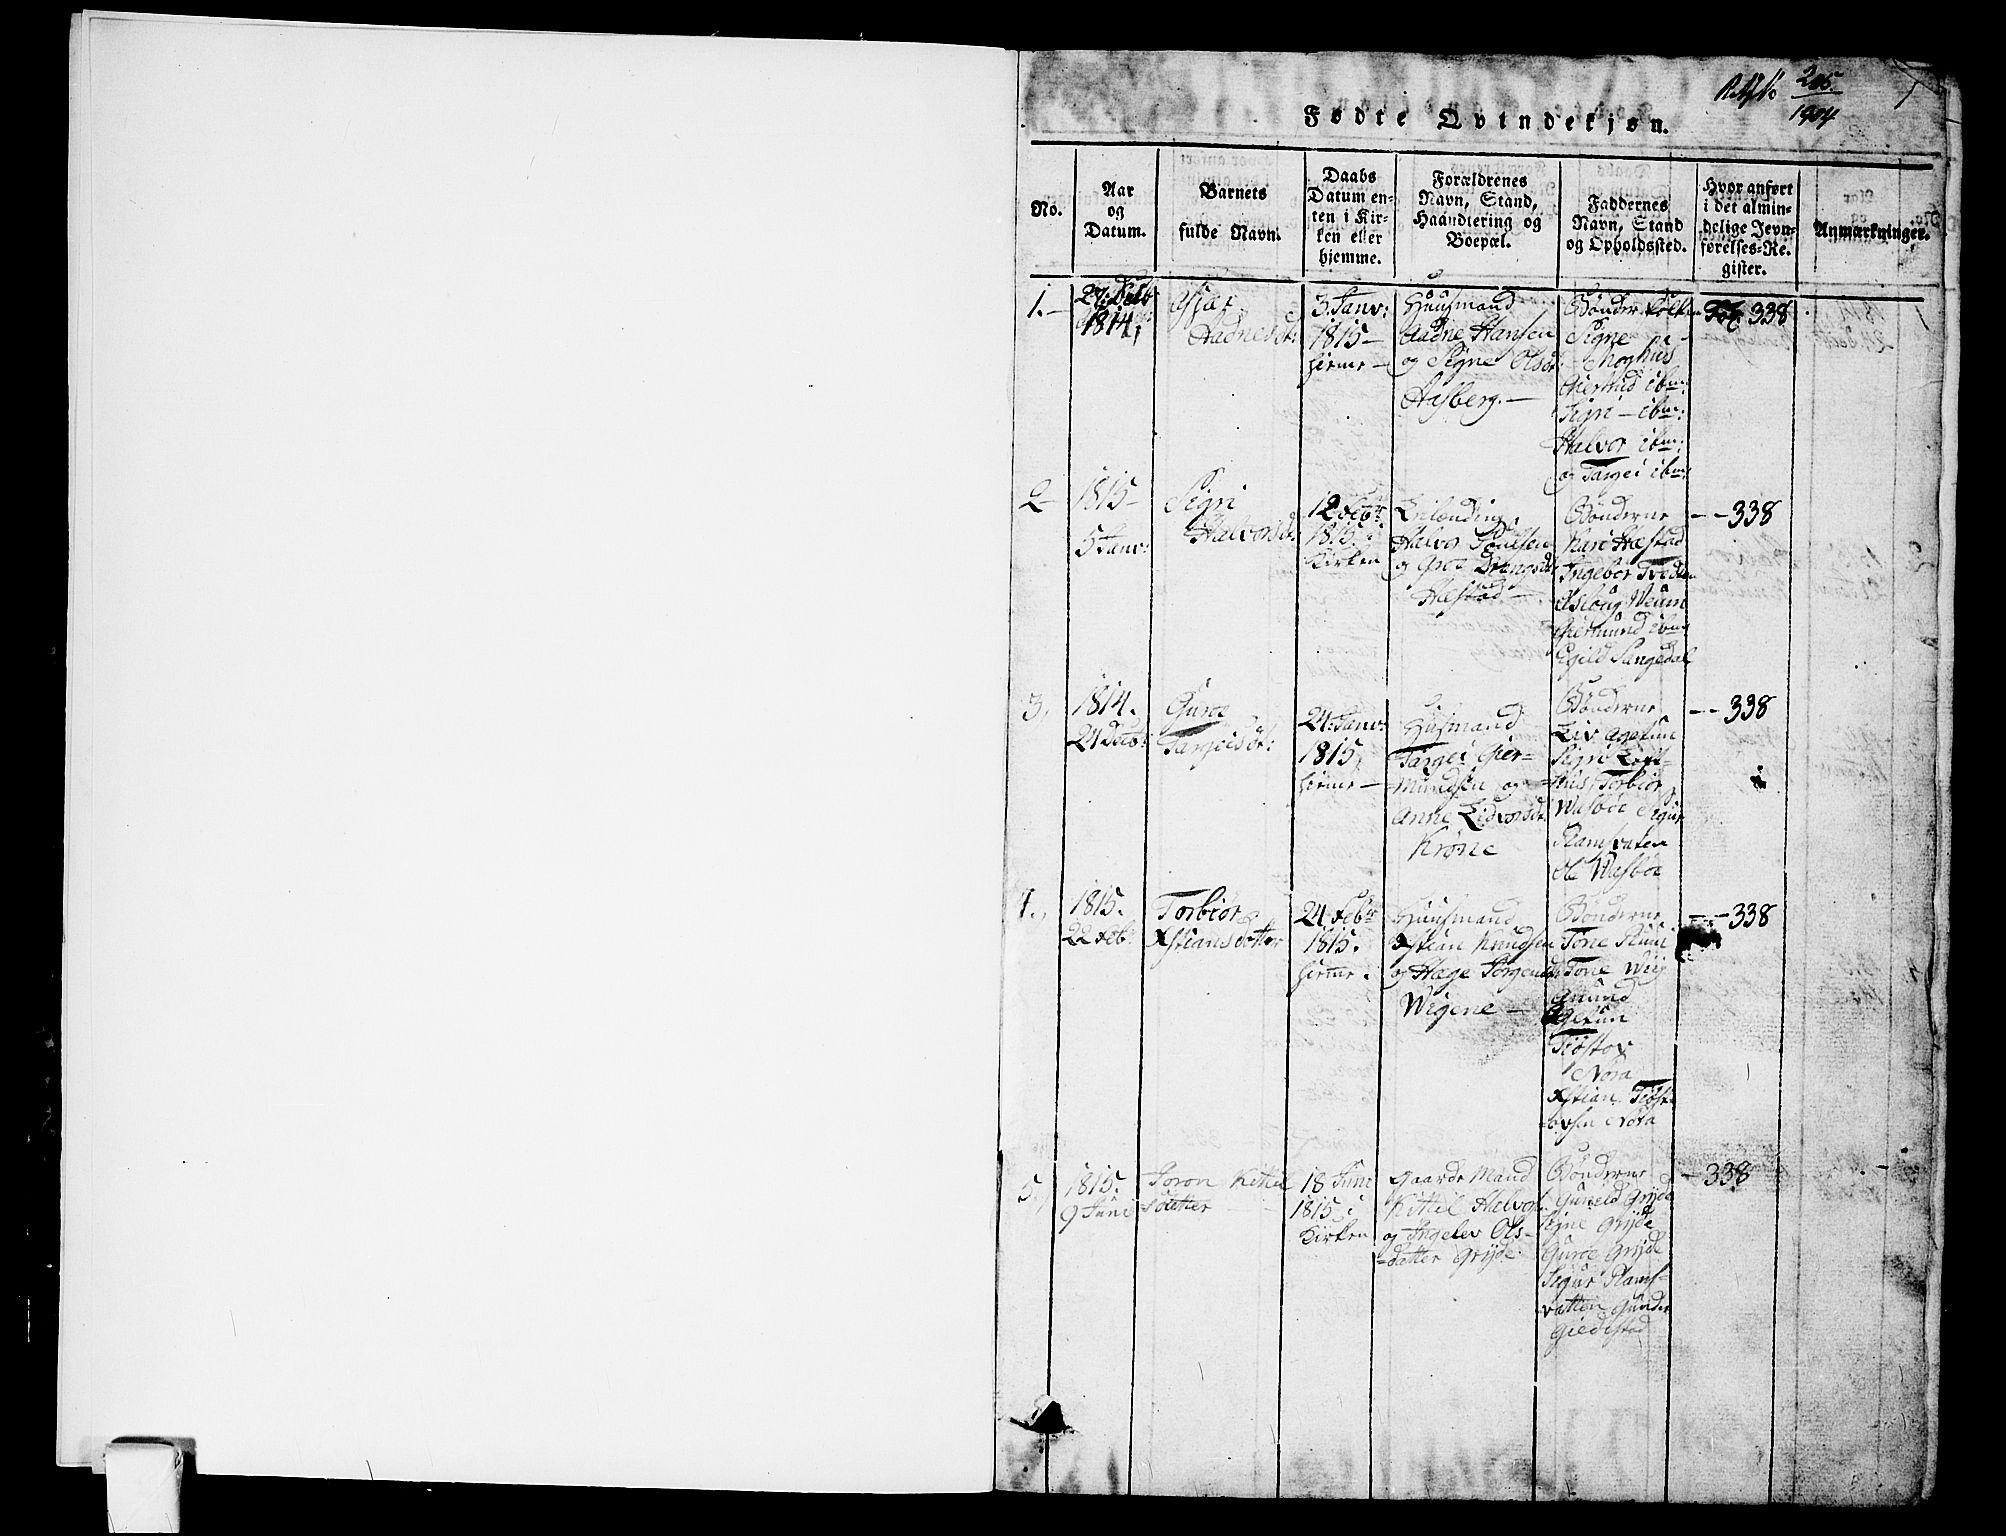 SAKO, Fyresdal kirkebøker, G/Ga/L0001: Klokkerbok nr. I 1, 1816-1840, s. 1